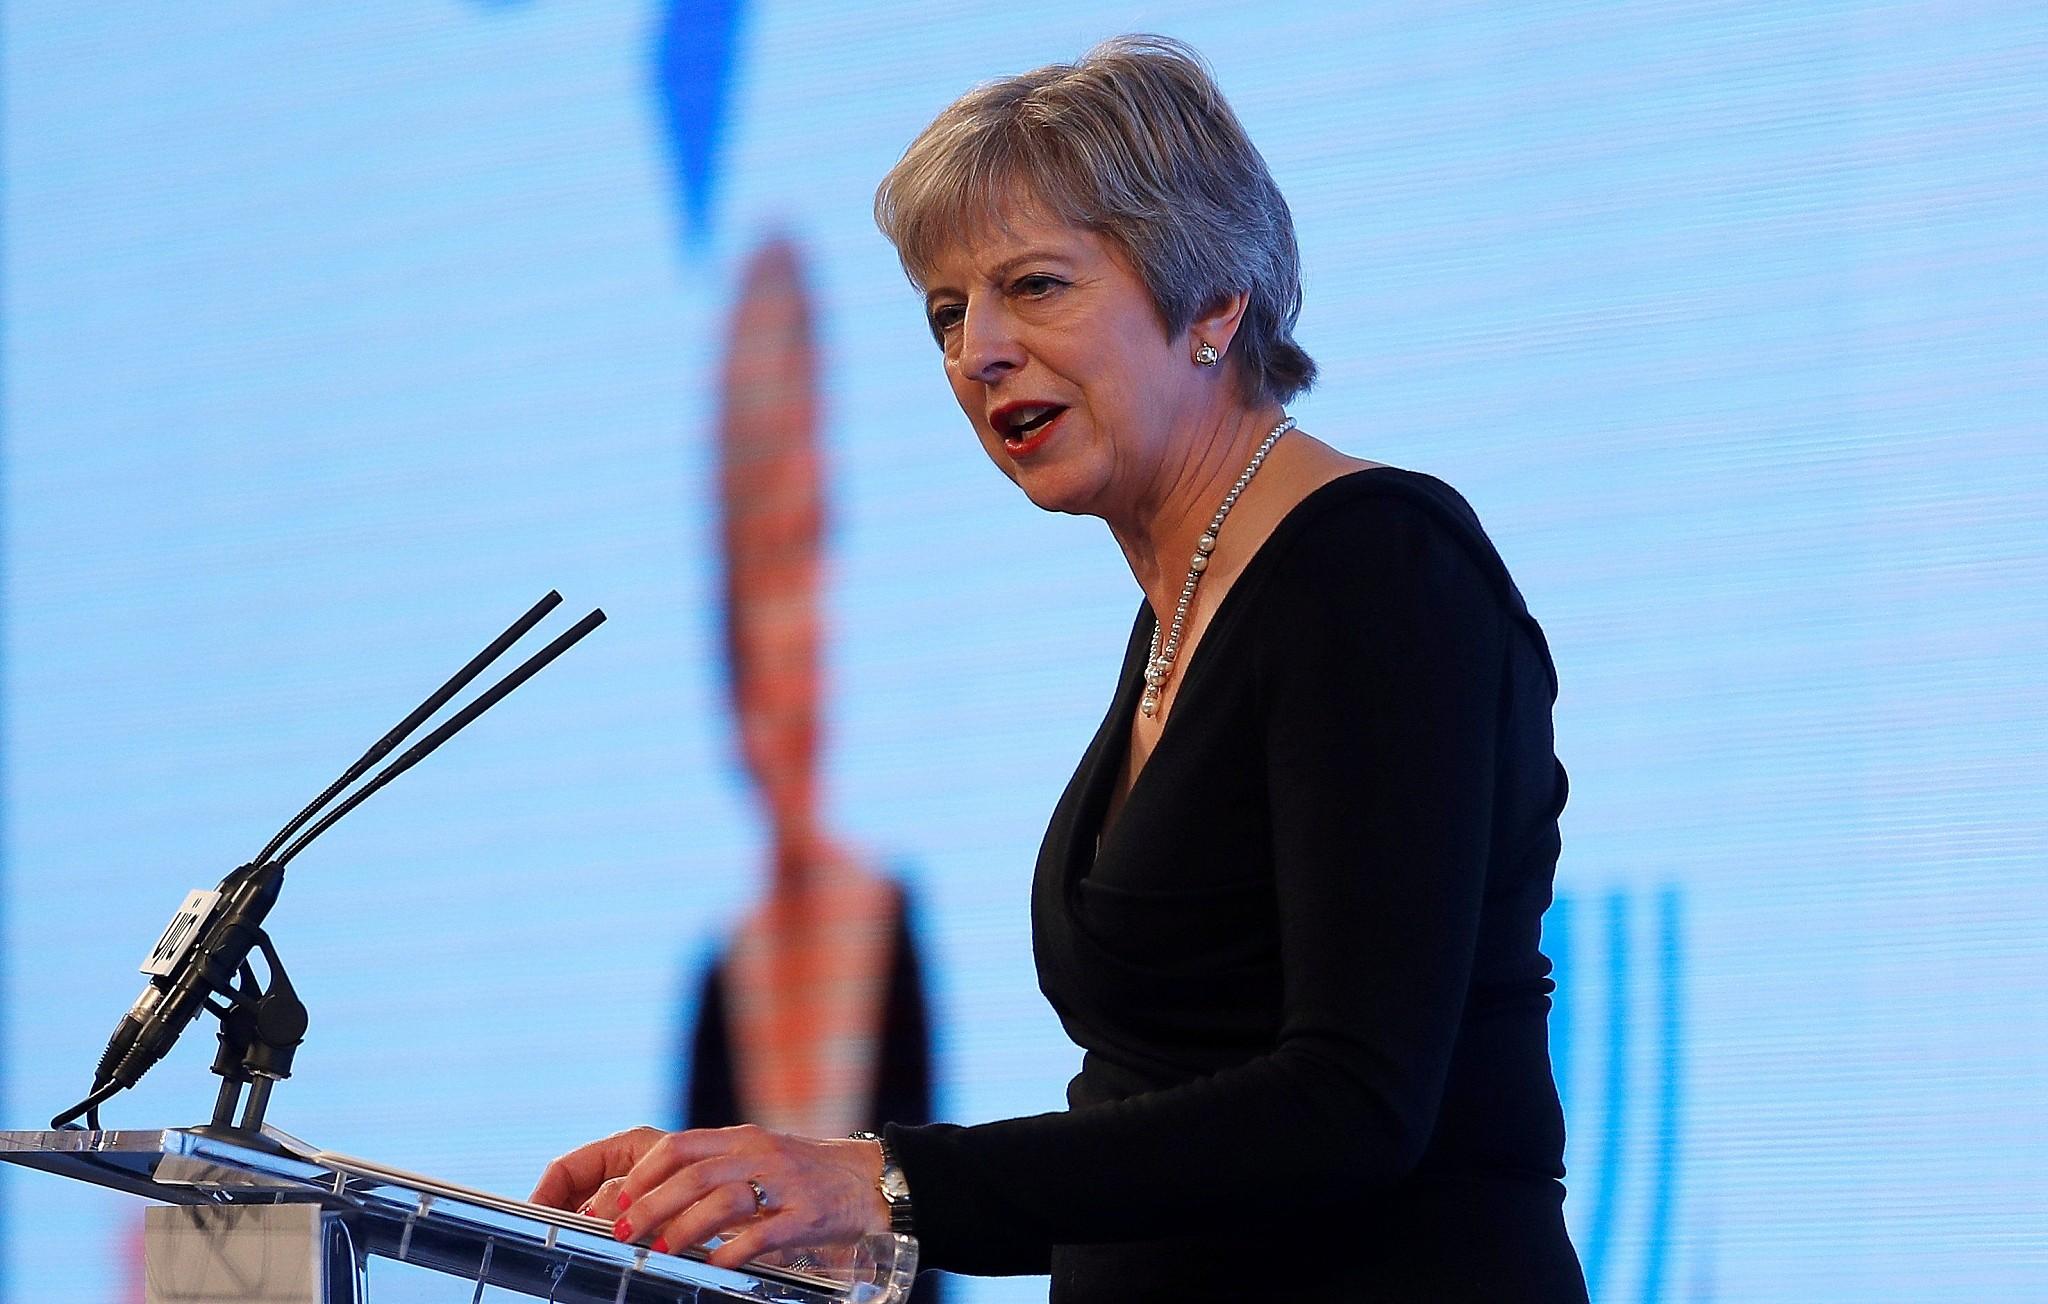 Theresa May and the Jewish community